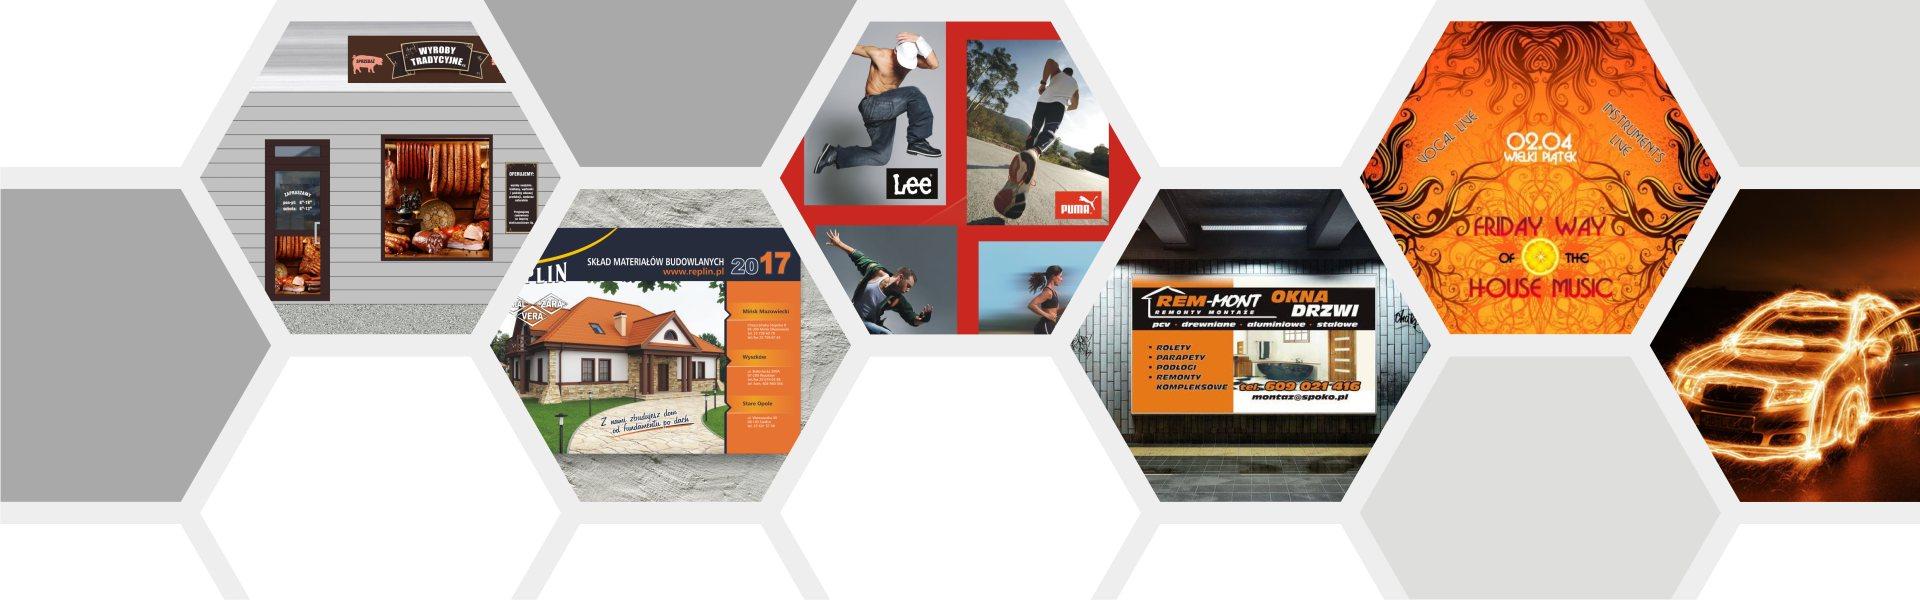 projektowanie graficzne grafiki agencja reklamowa